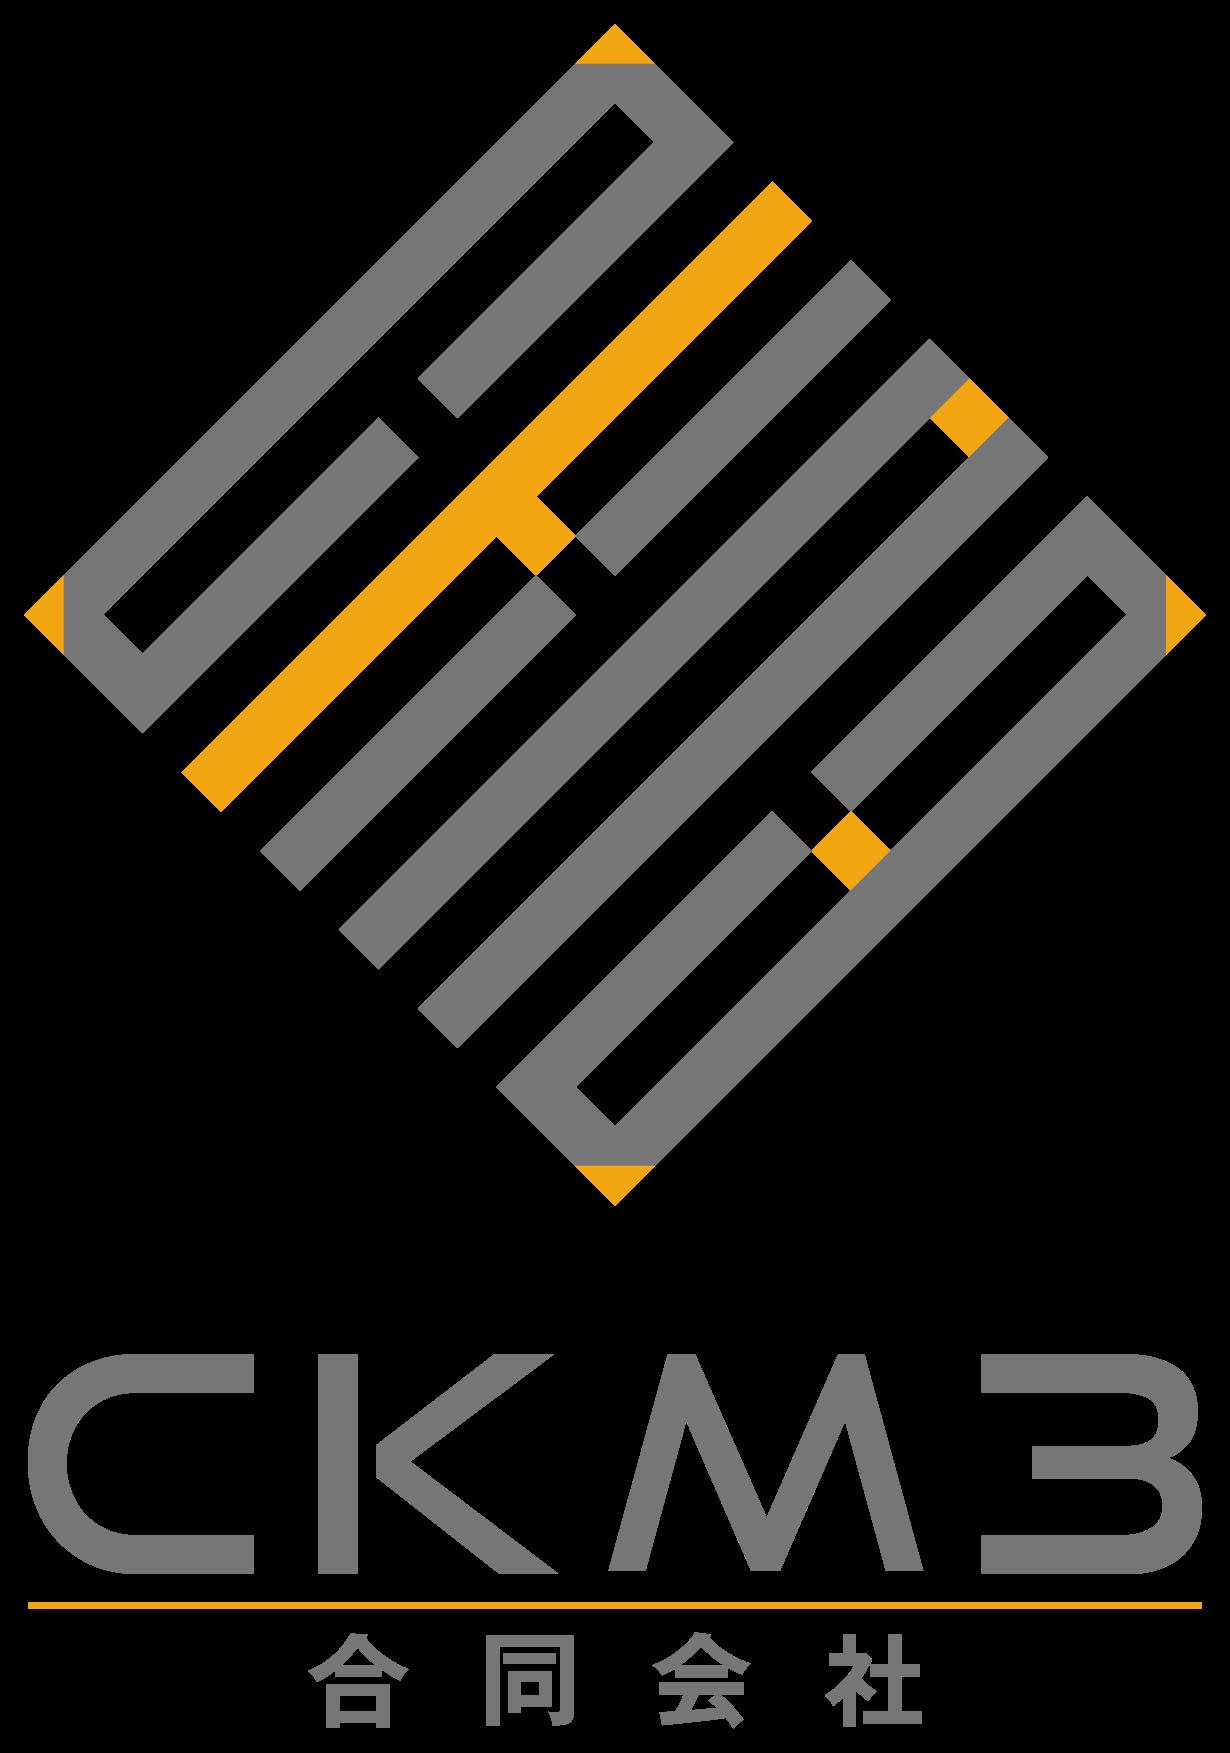 ソフトウェア・プログラム開発と近未来とグレーのロゴ